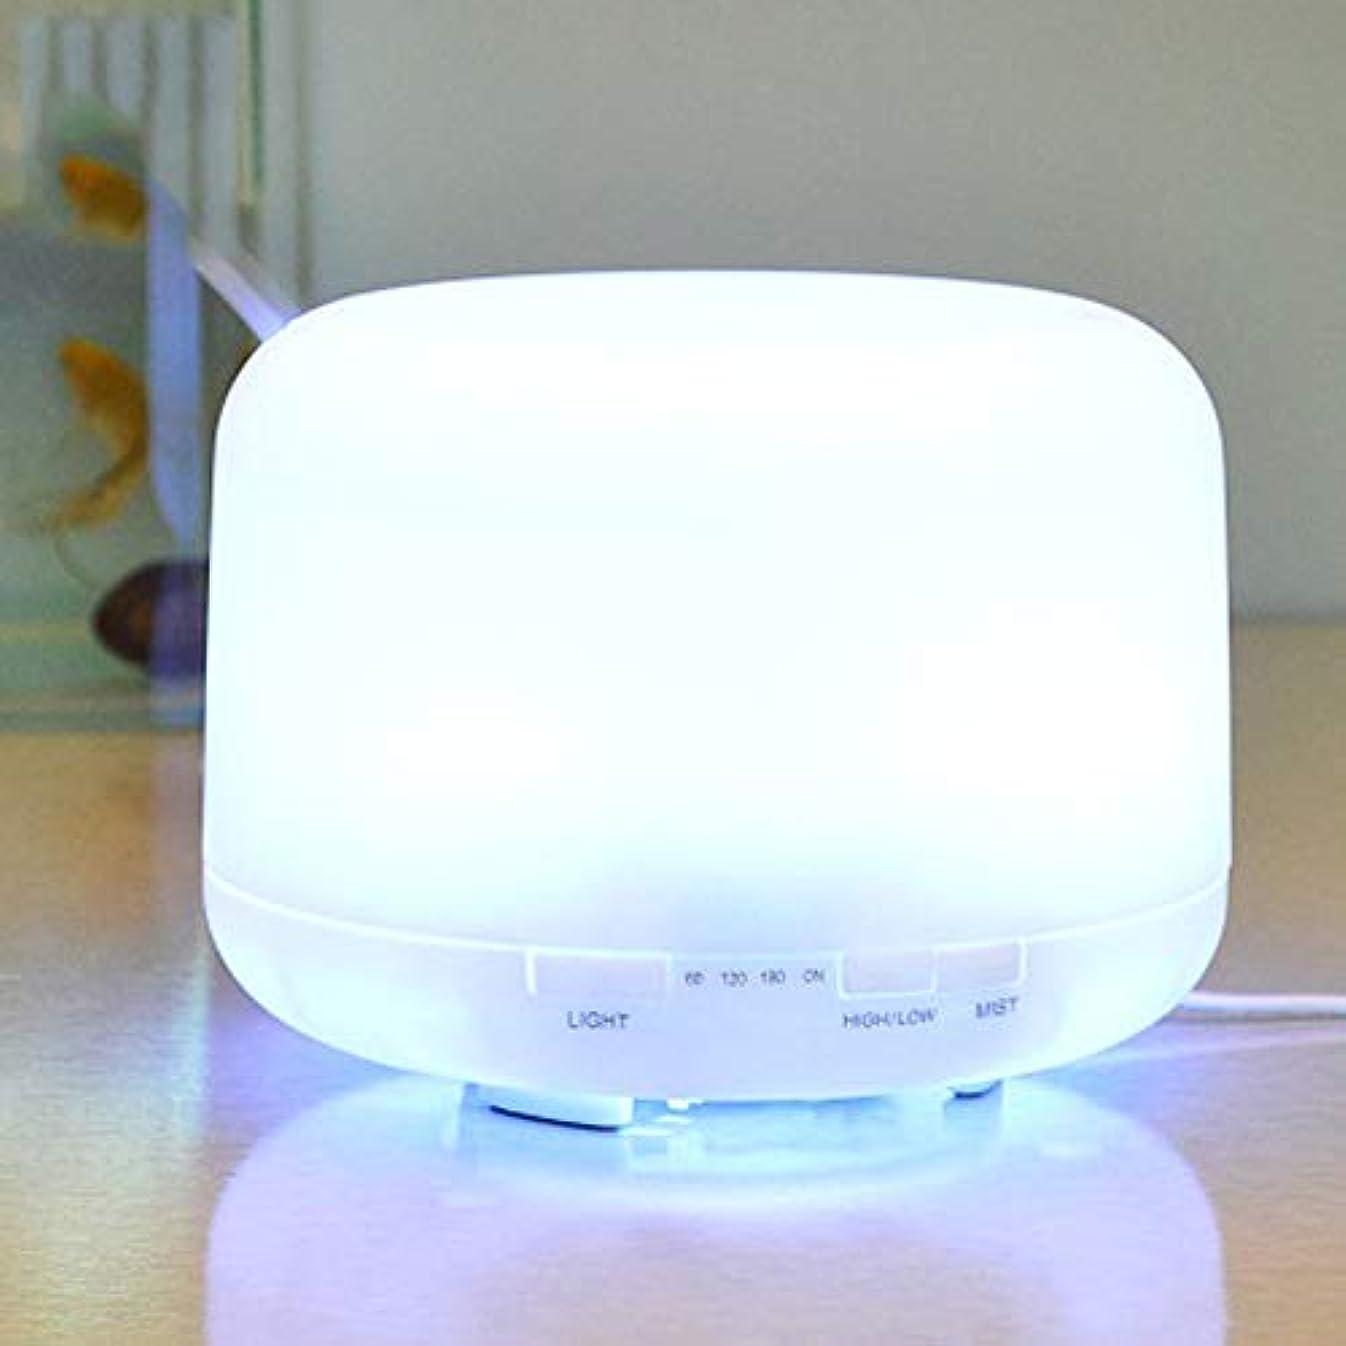 社交的ビル帽子1000ml のエッセンシャルオイルディフューザー、プレミアム超音波アロマセラピー香りオイルディフューザー気化器、タイマーと水なしオートオフ、7 LED ライトカラー